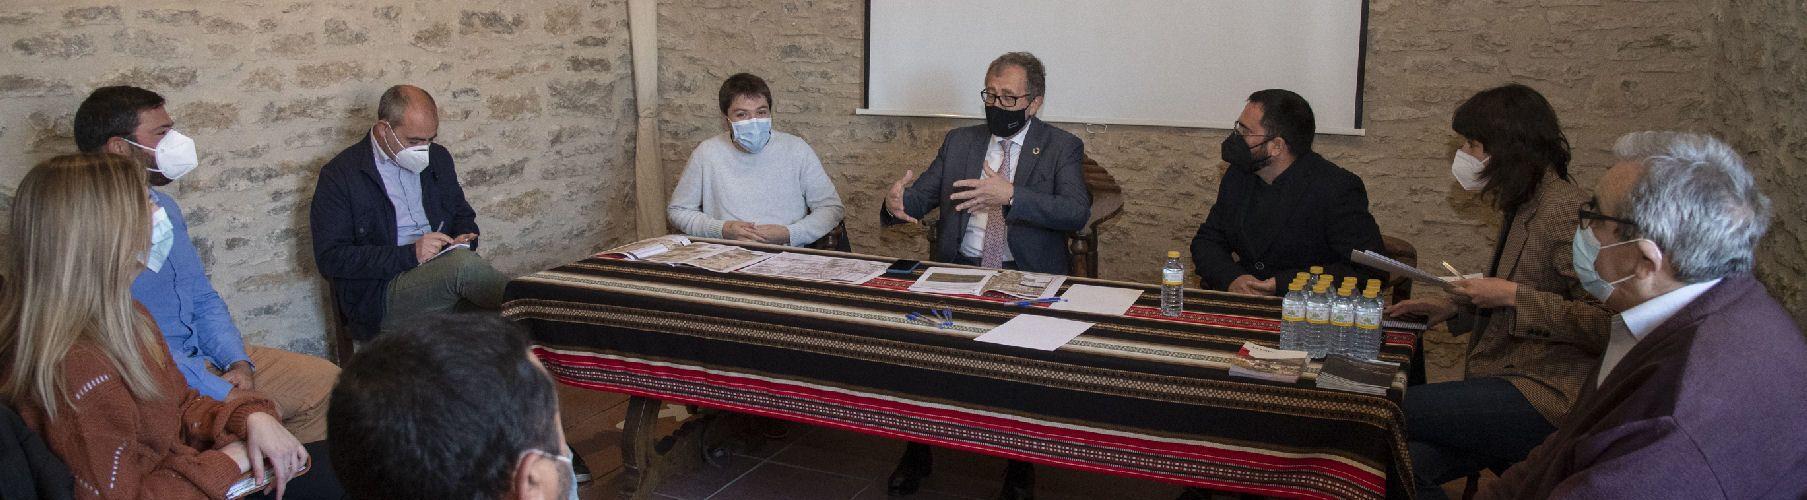 La Diputació actuarà com a altaveu dels municipis dels Ports afectats per la línia de Molt Alta Tensió (MAT) de Forestalia